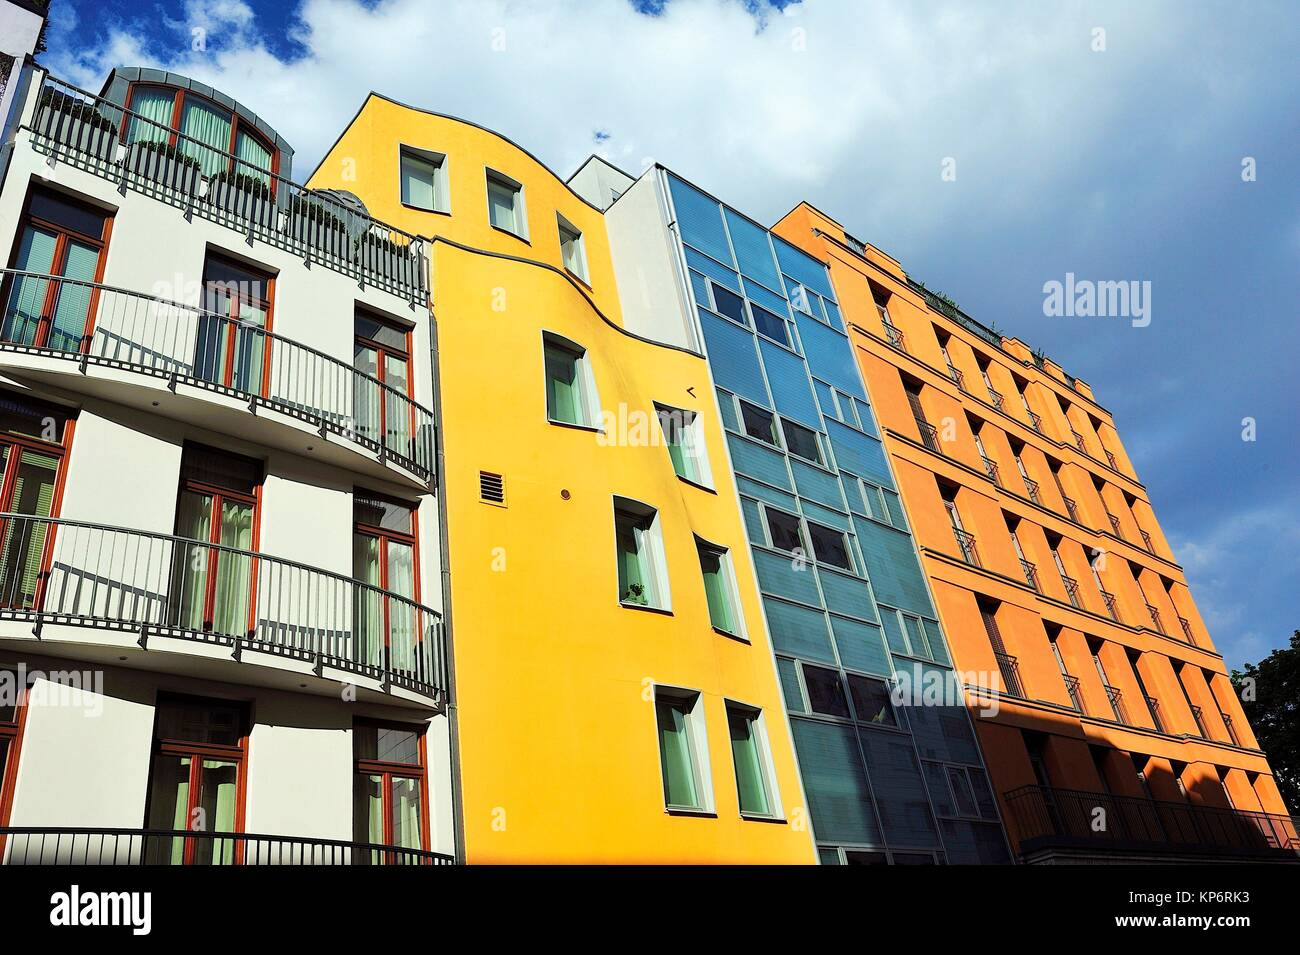 Zeitgenössische Architektur. Berlin, Deutschland Stockfoto, Bild ...